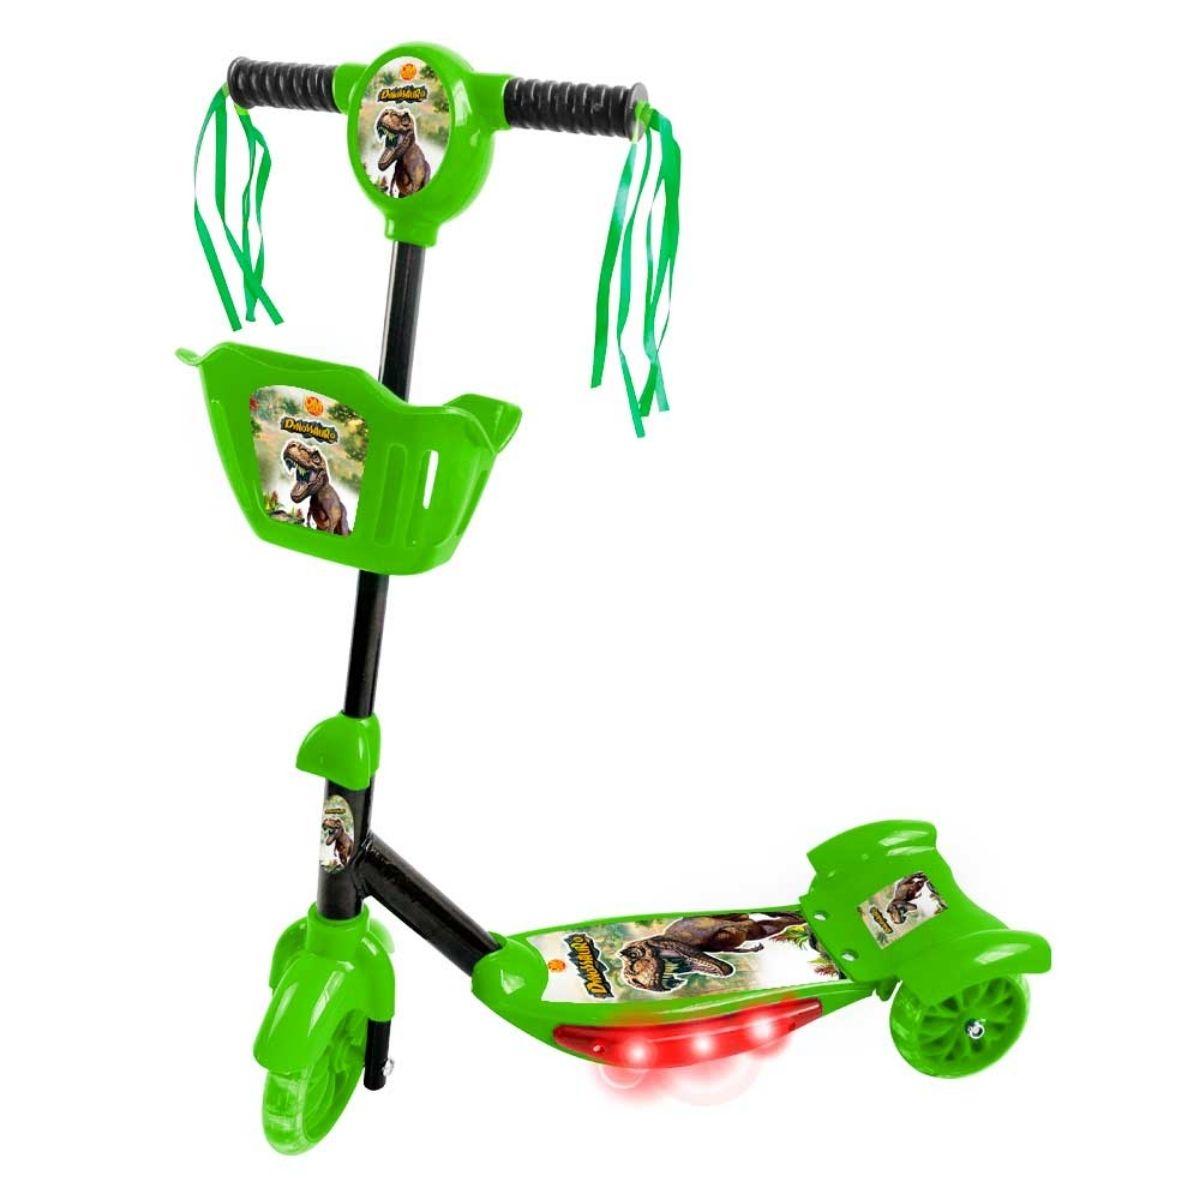 Patinete com Cesta Dinossauro com 3 rodas,luz e som